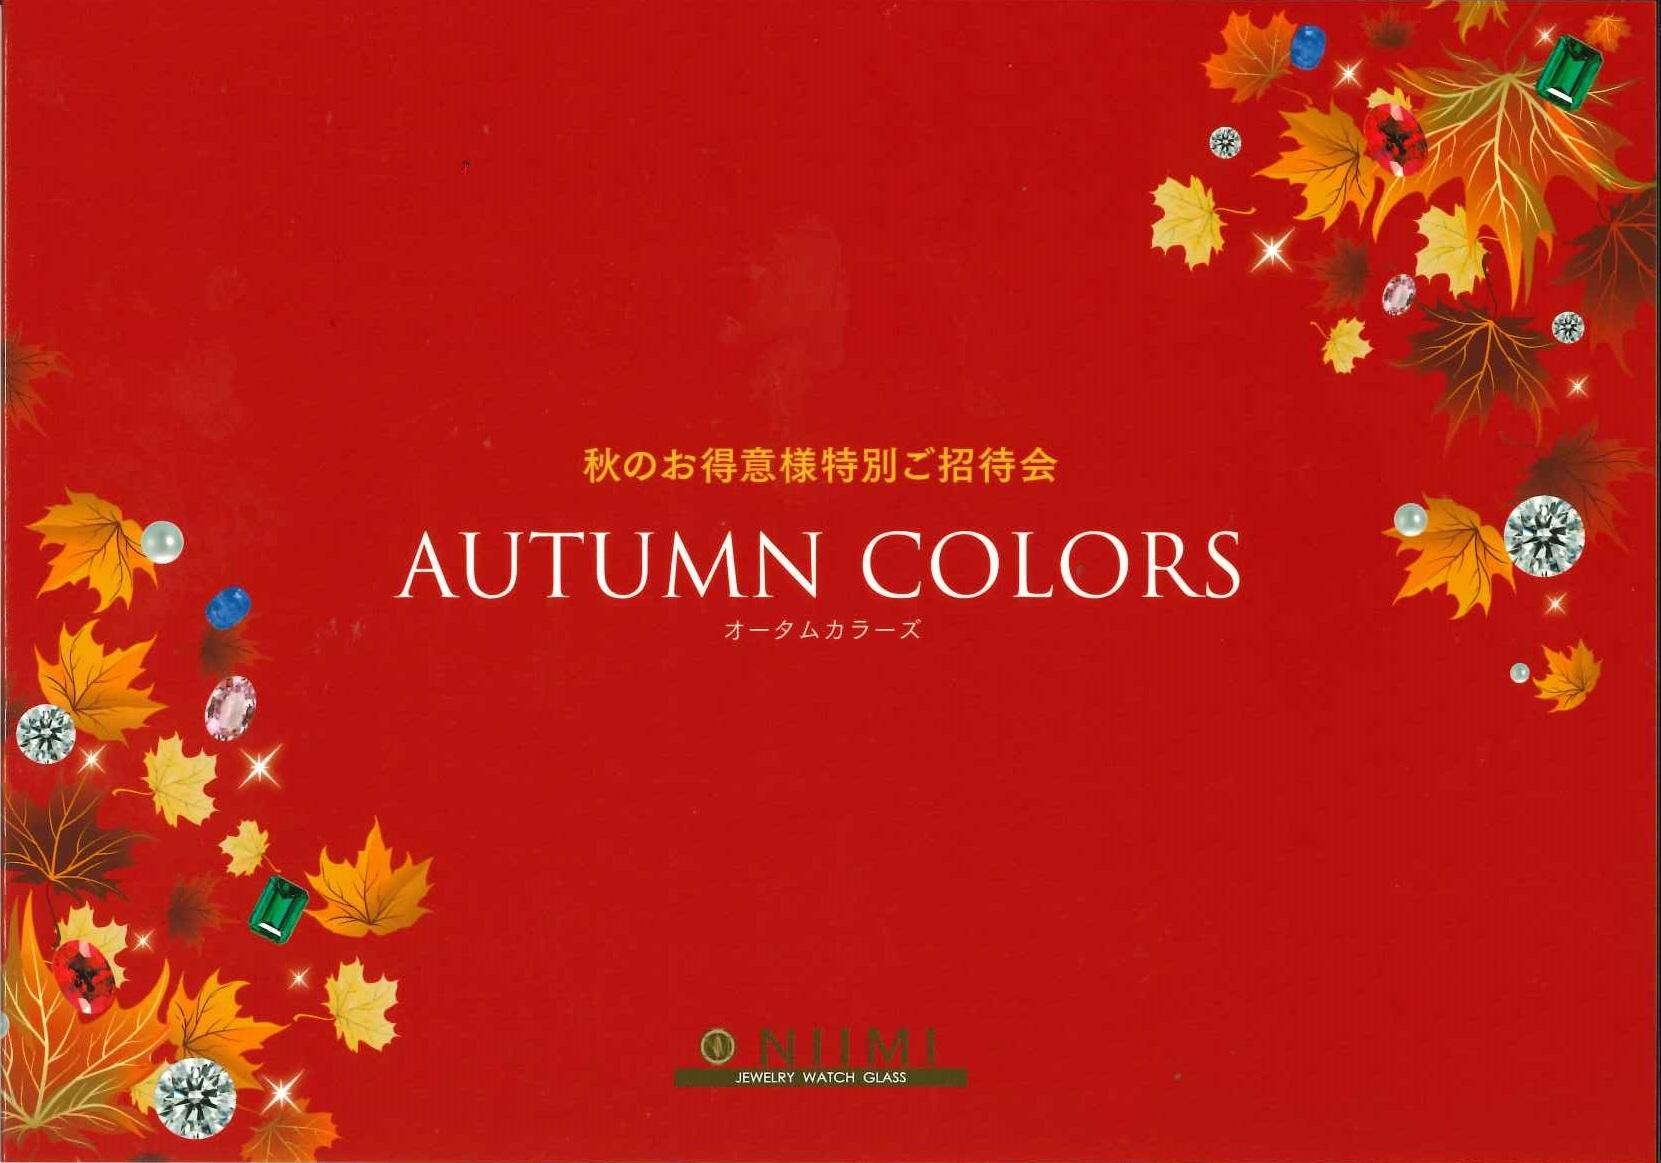 10月12日~秋の大イベント「オータムカラーズ」はじまります!